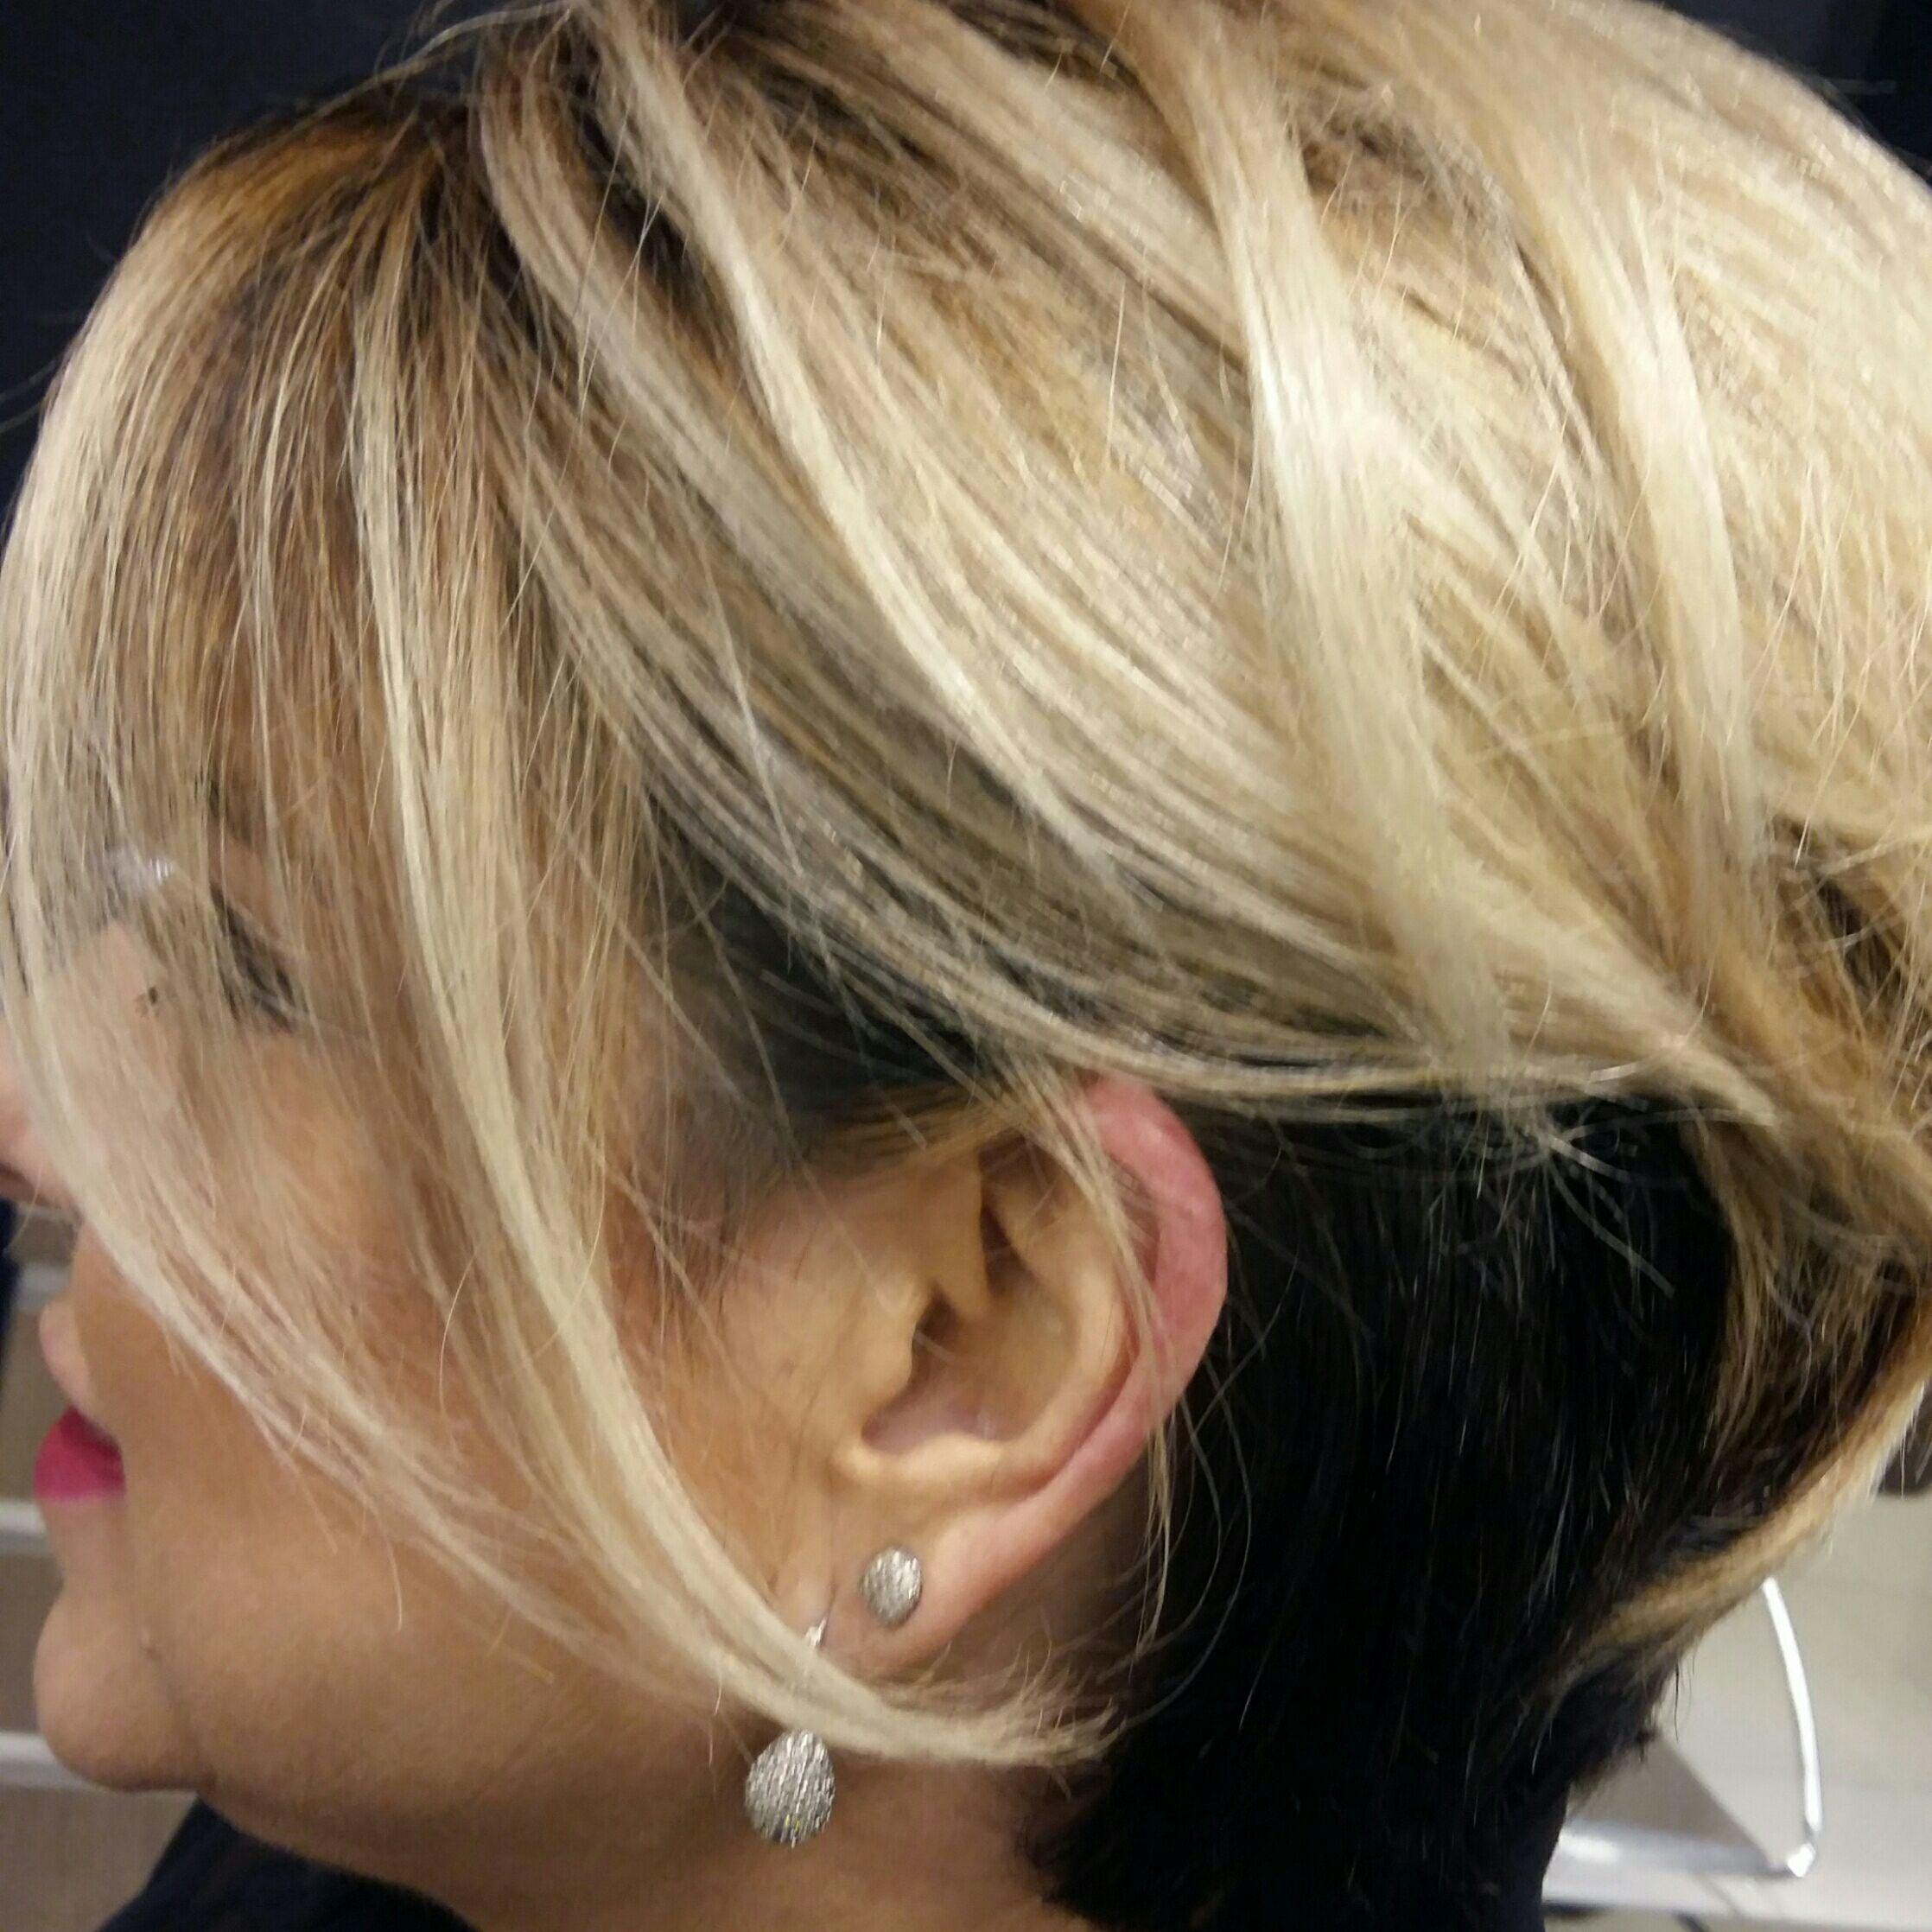 Penteado moderno #semipreso #ByIsabelCristina cabelo cabeleireiro(a)